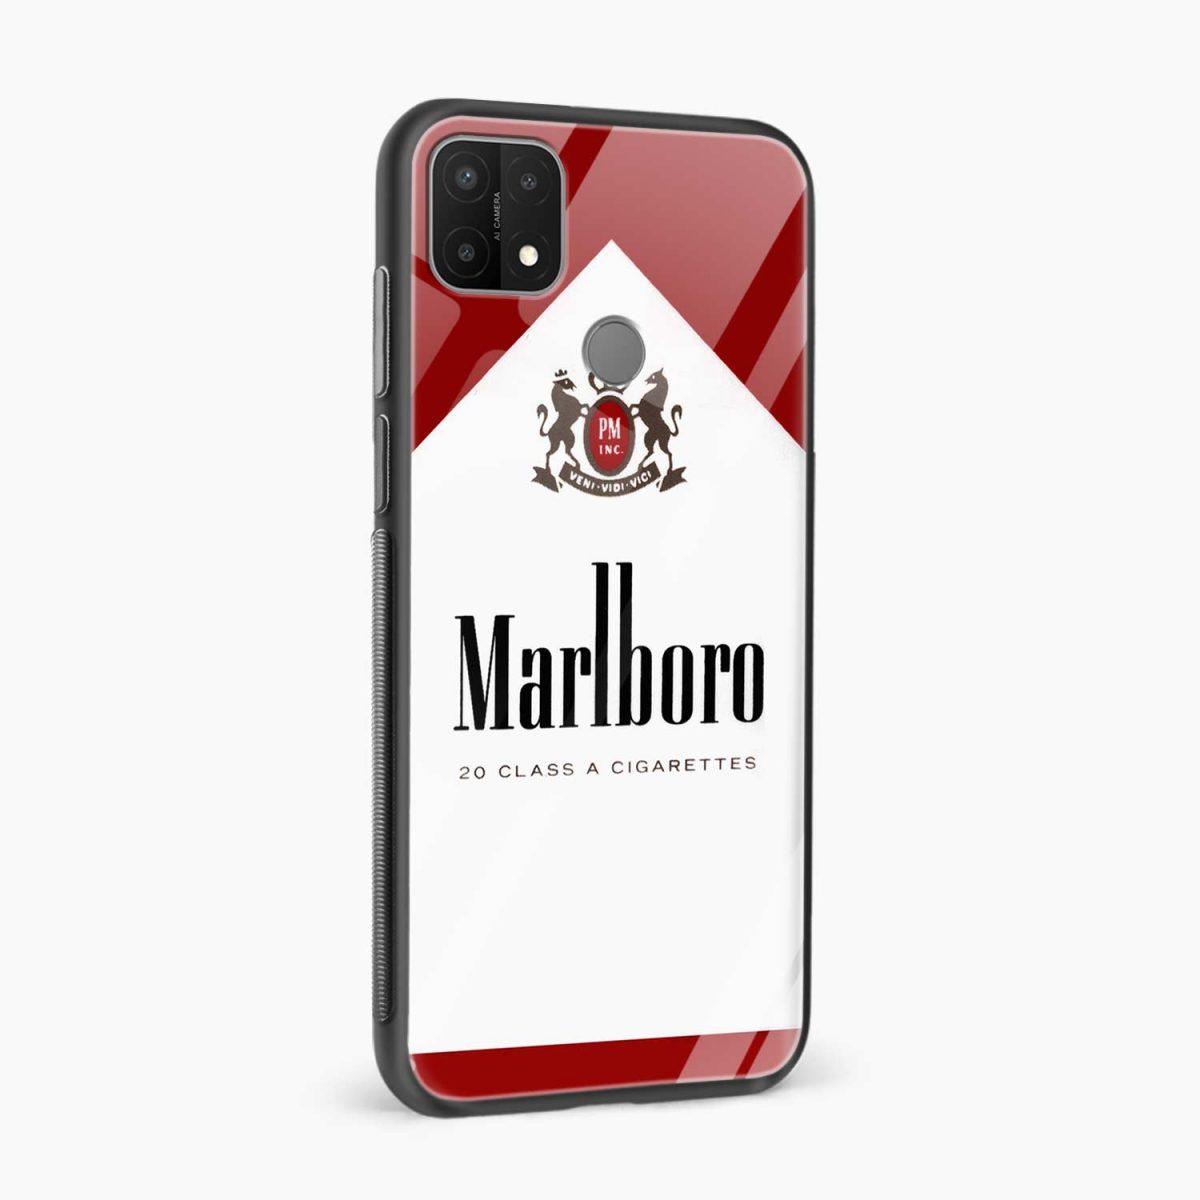 marlboro cigarette box side view oppo a15 back cover